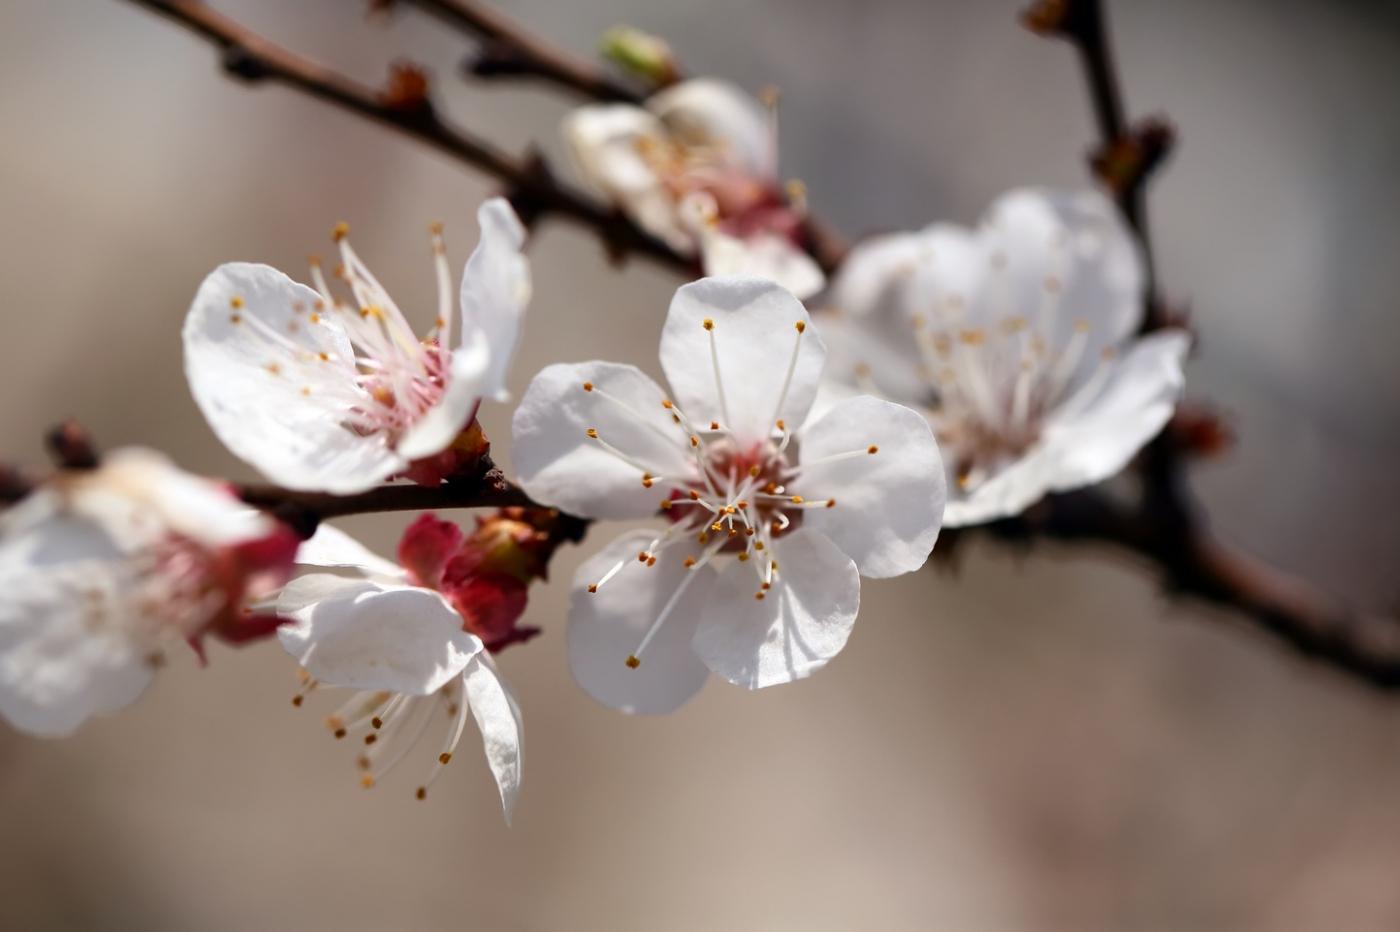 感受春天的节奏_图1-6